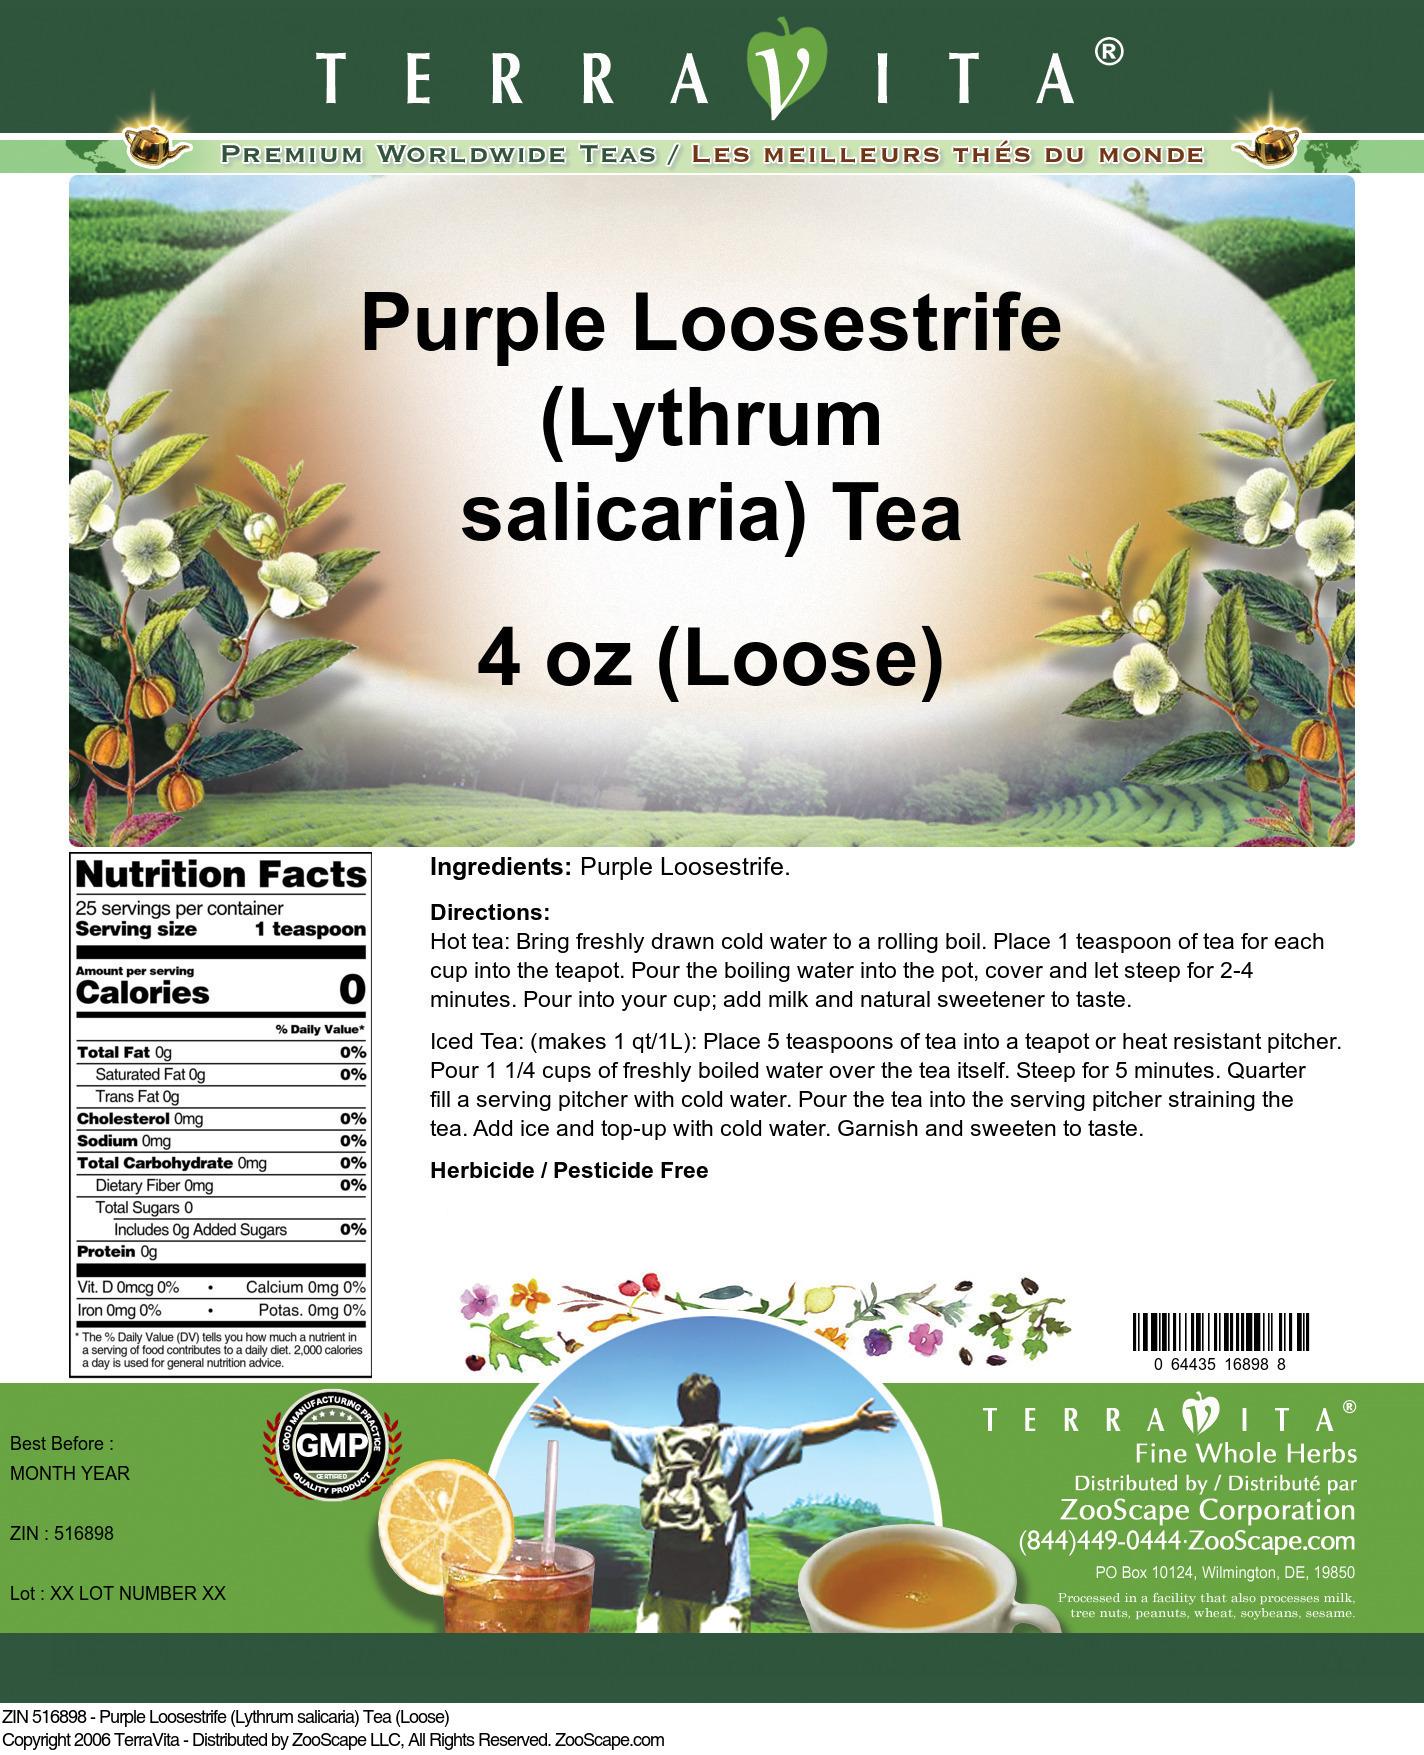 Purple Loosestrife (Lythrum salicaria) Tea (Loose)